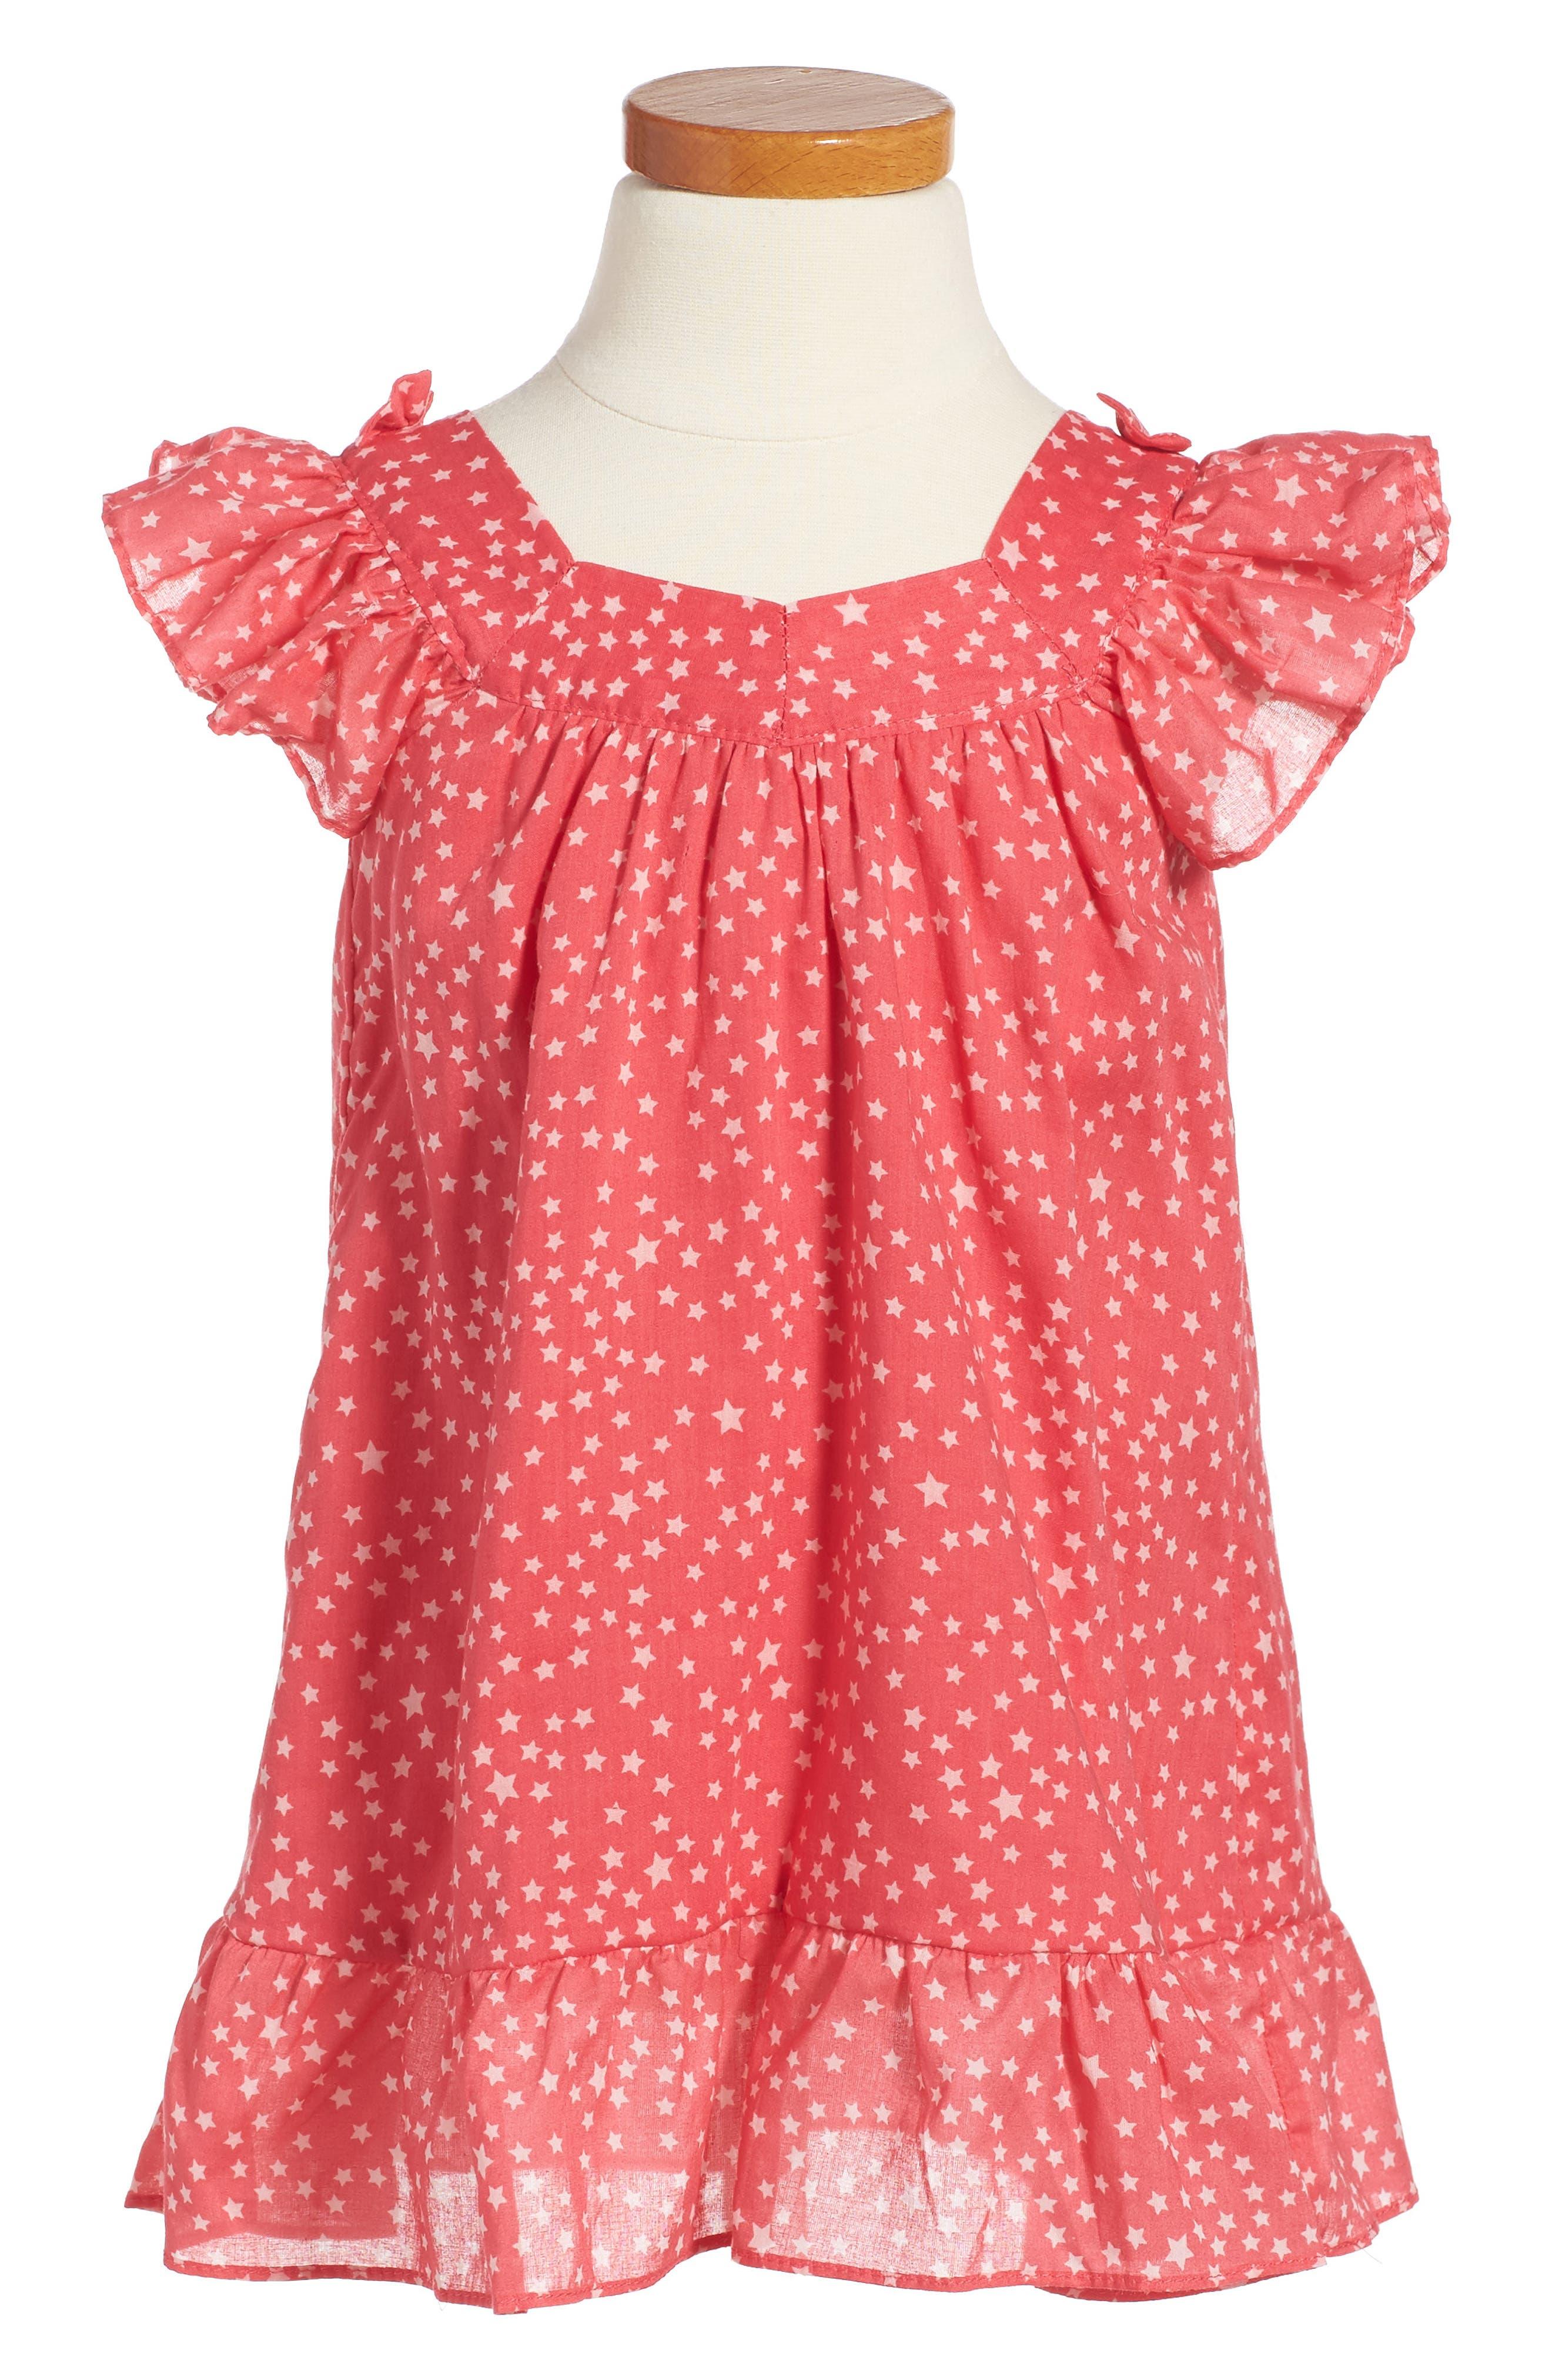 For Love & Lemons Starlight Print Ruffle Dress (Toddler Girls & Little Girls)